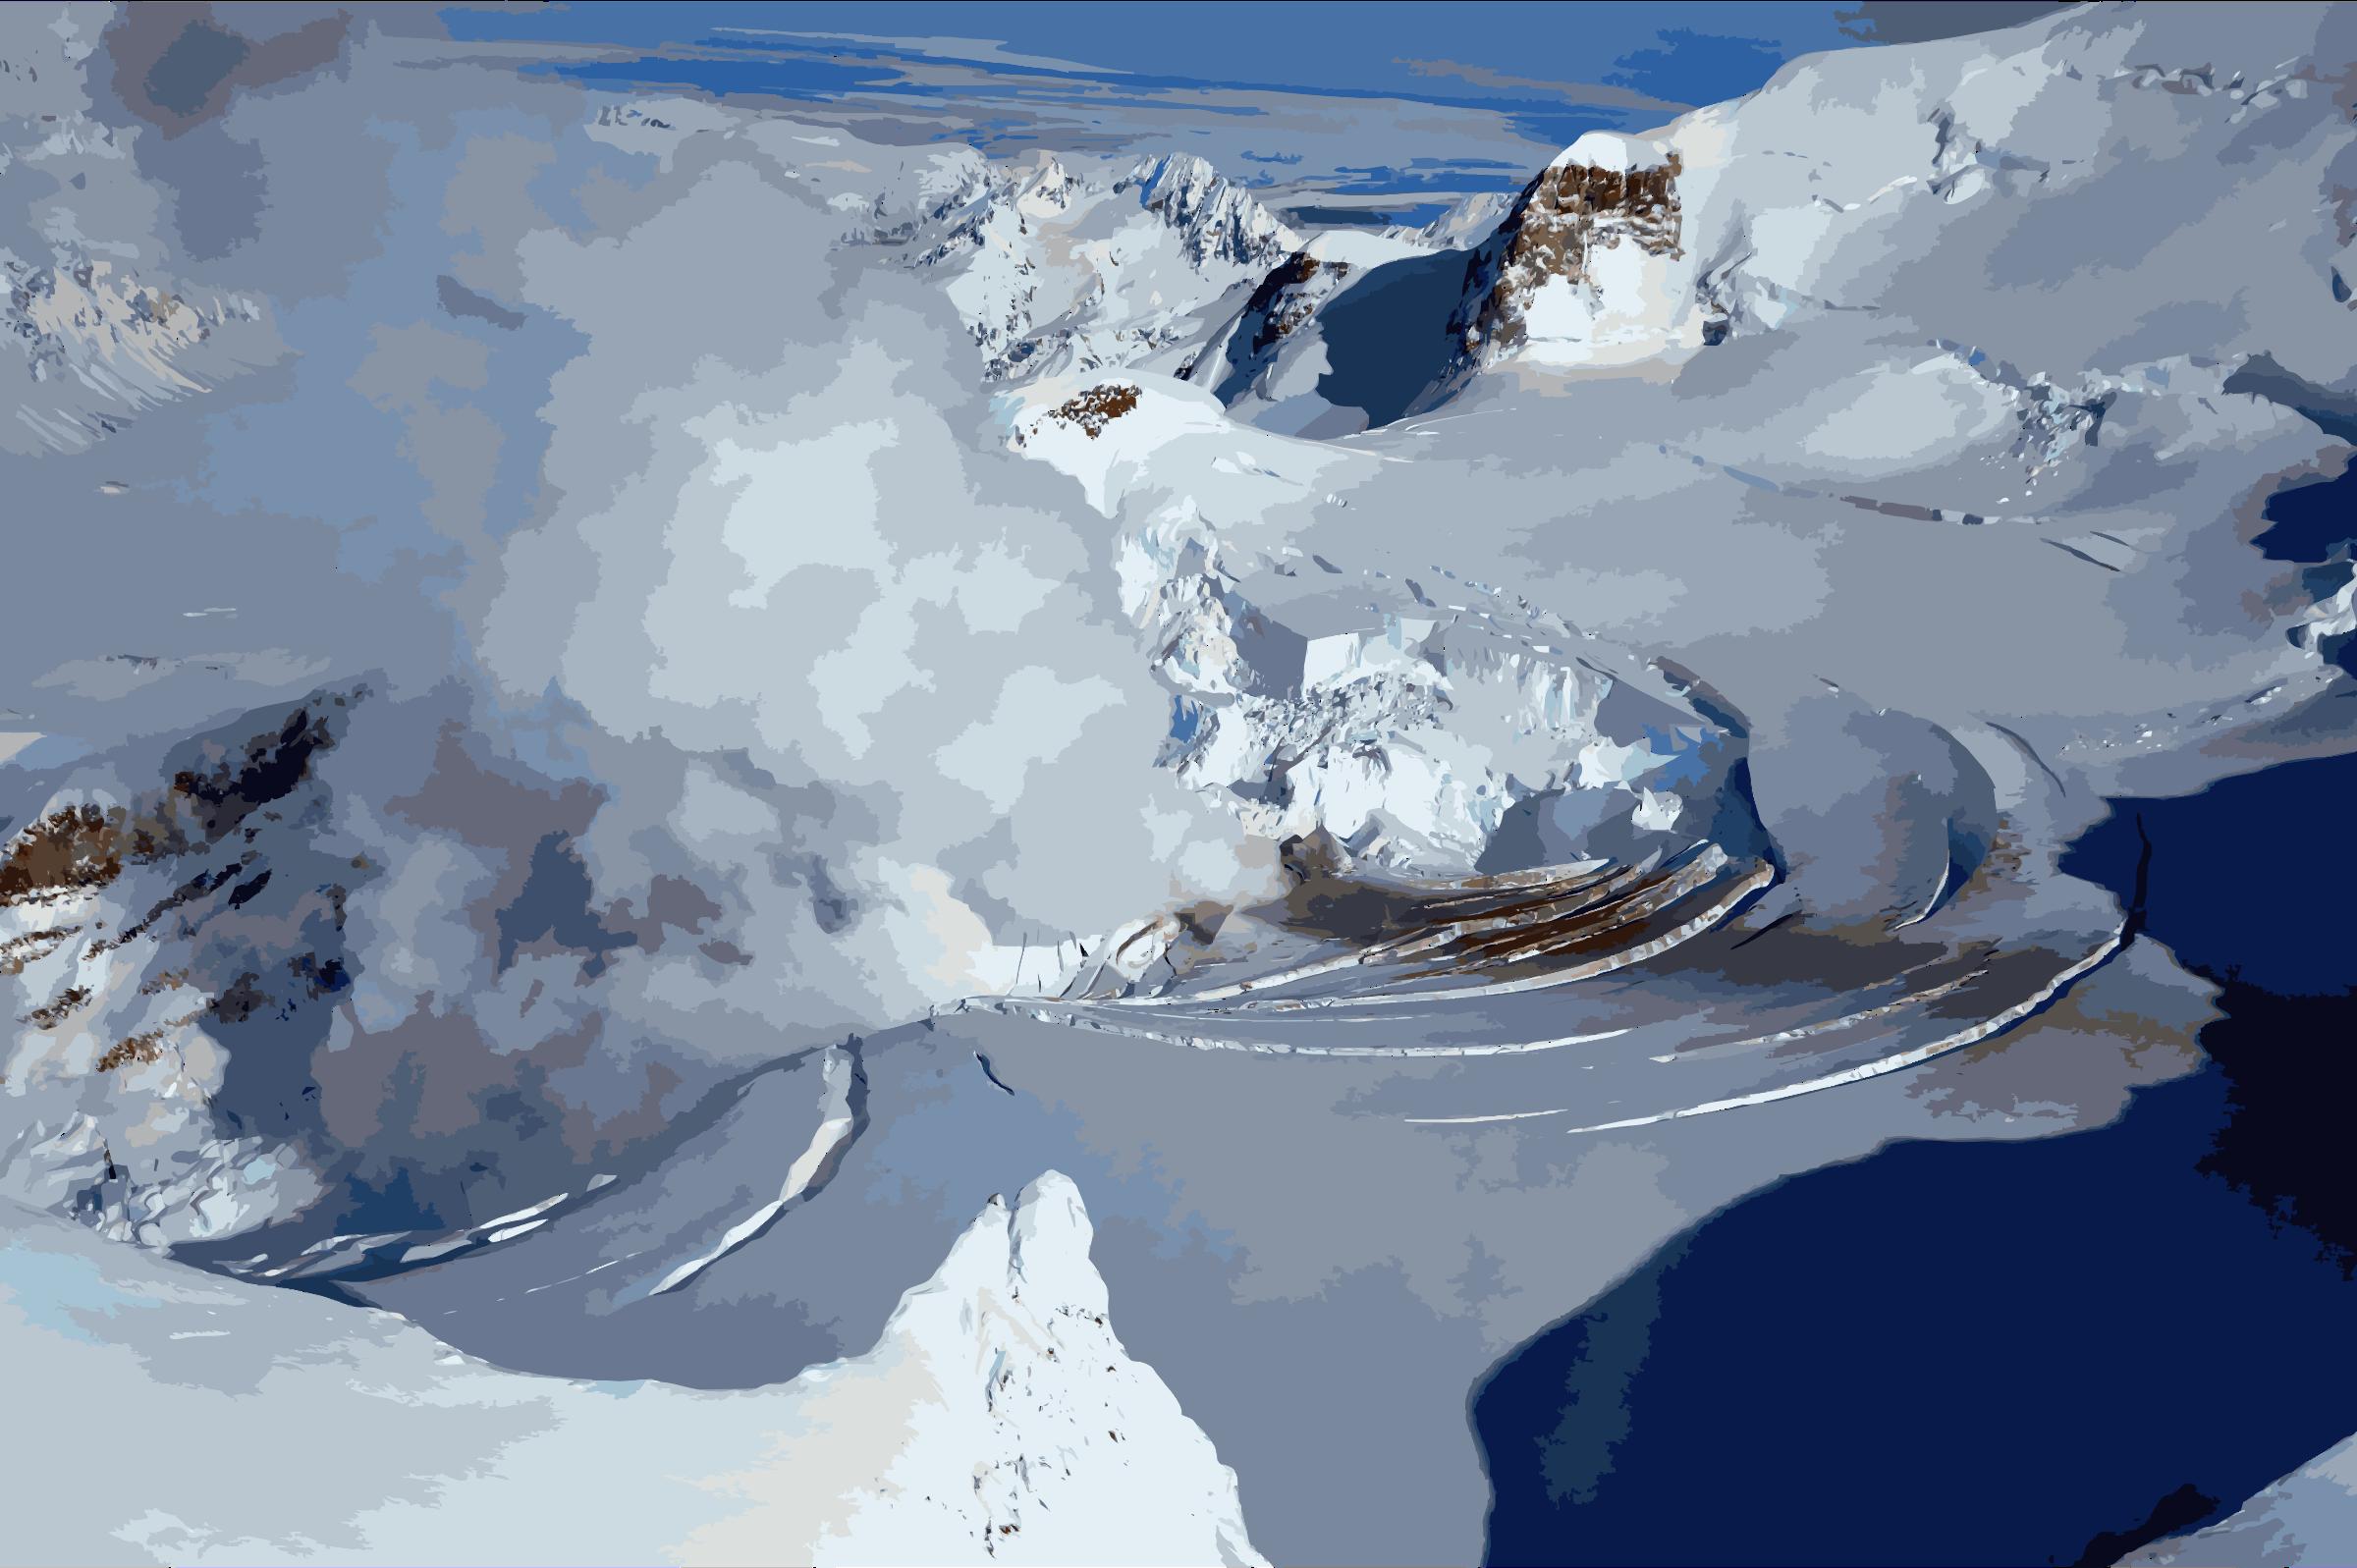 Glacier clipart ice cap. Mt redoubt ak icons